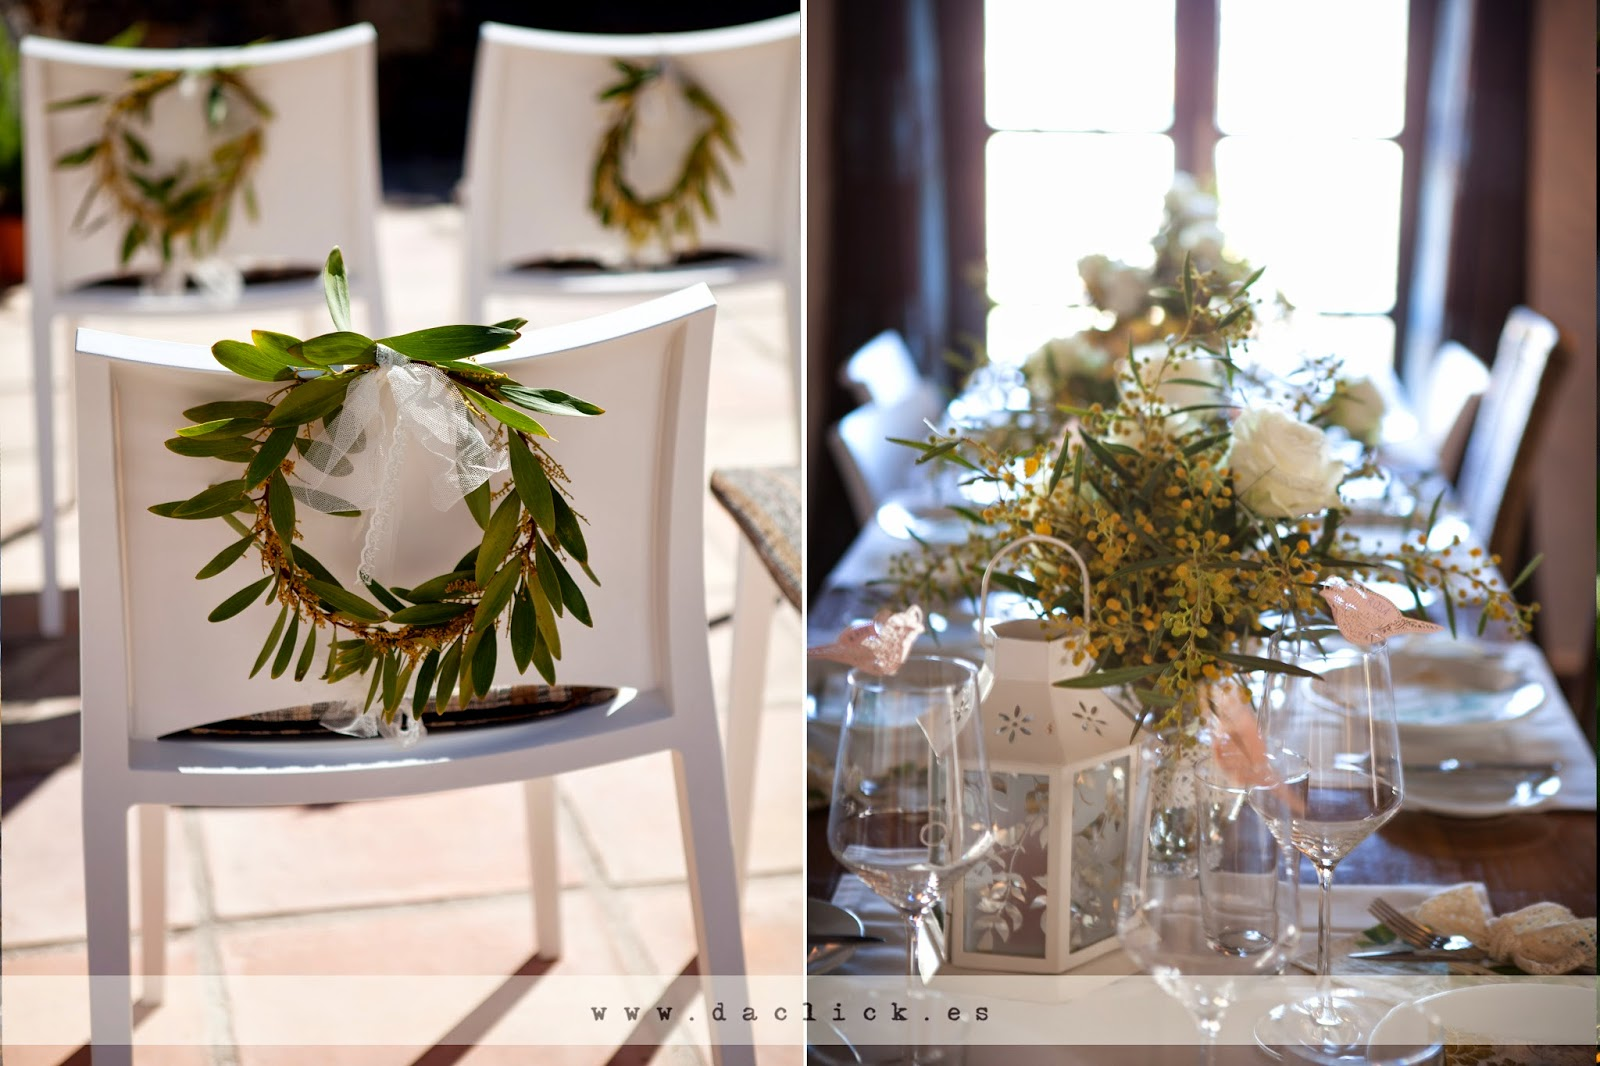 Corona de flores de mimosa adorno de sillas y centro de mesa